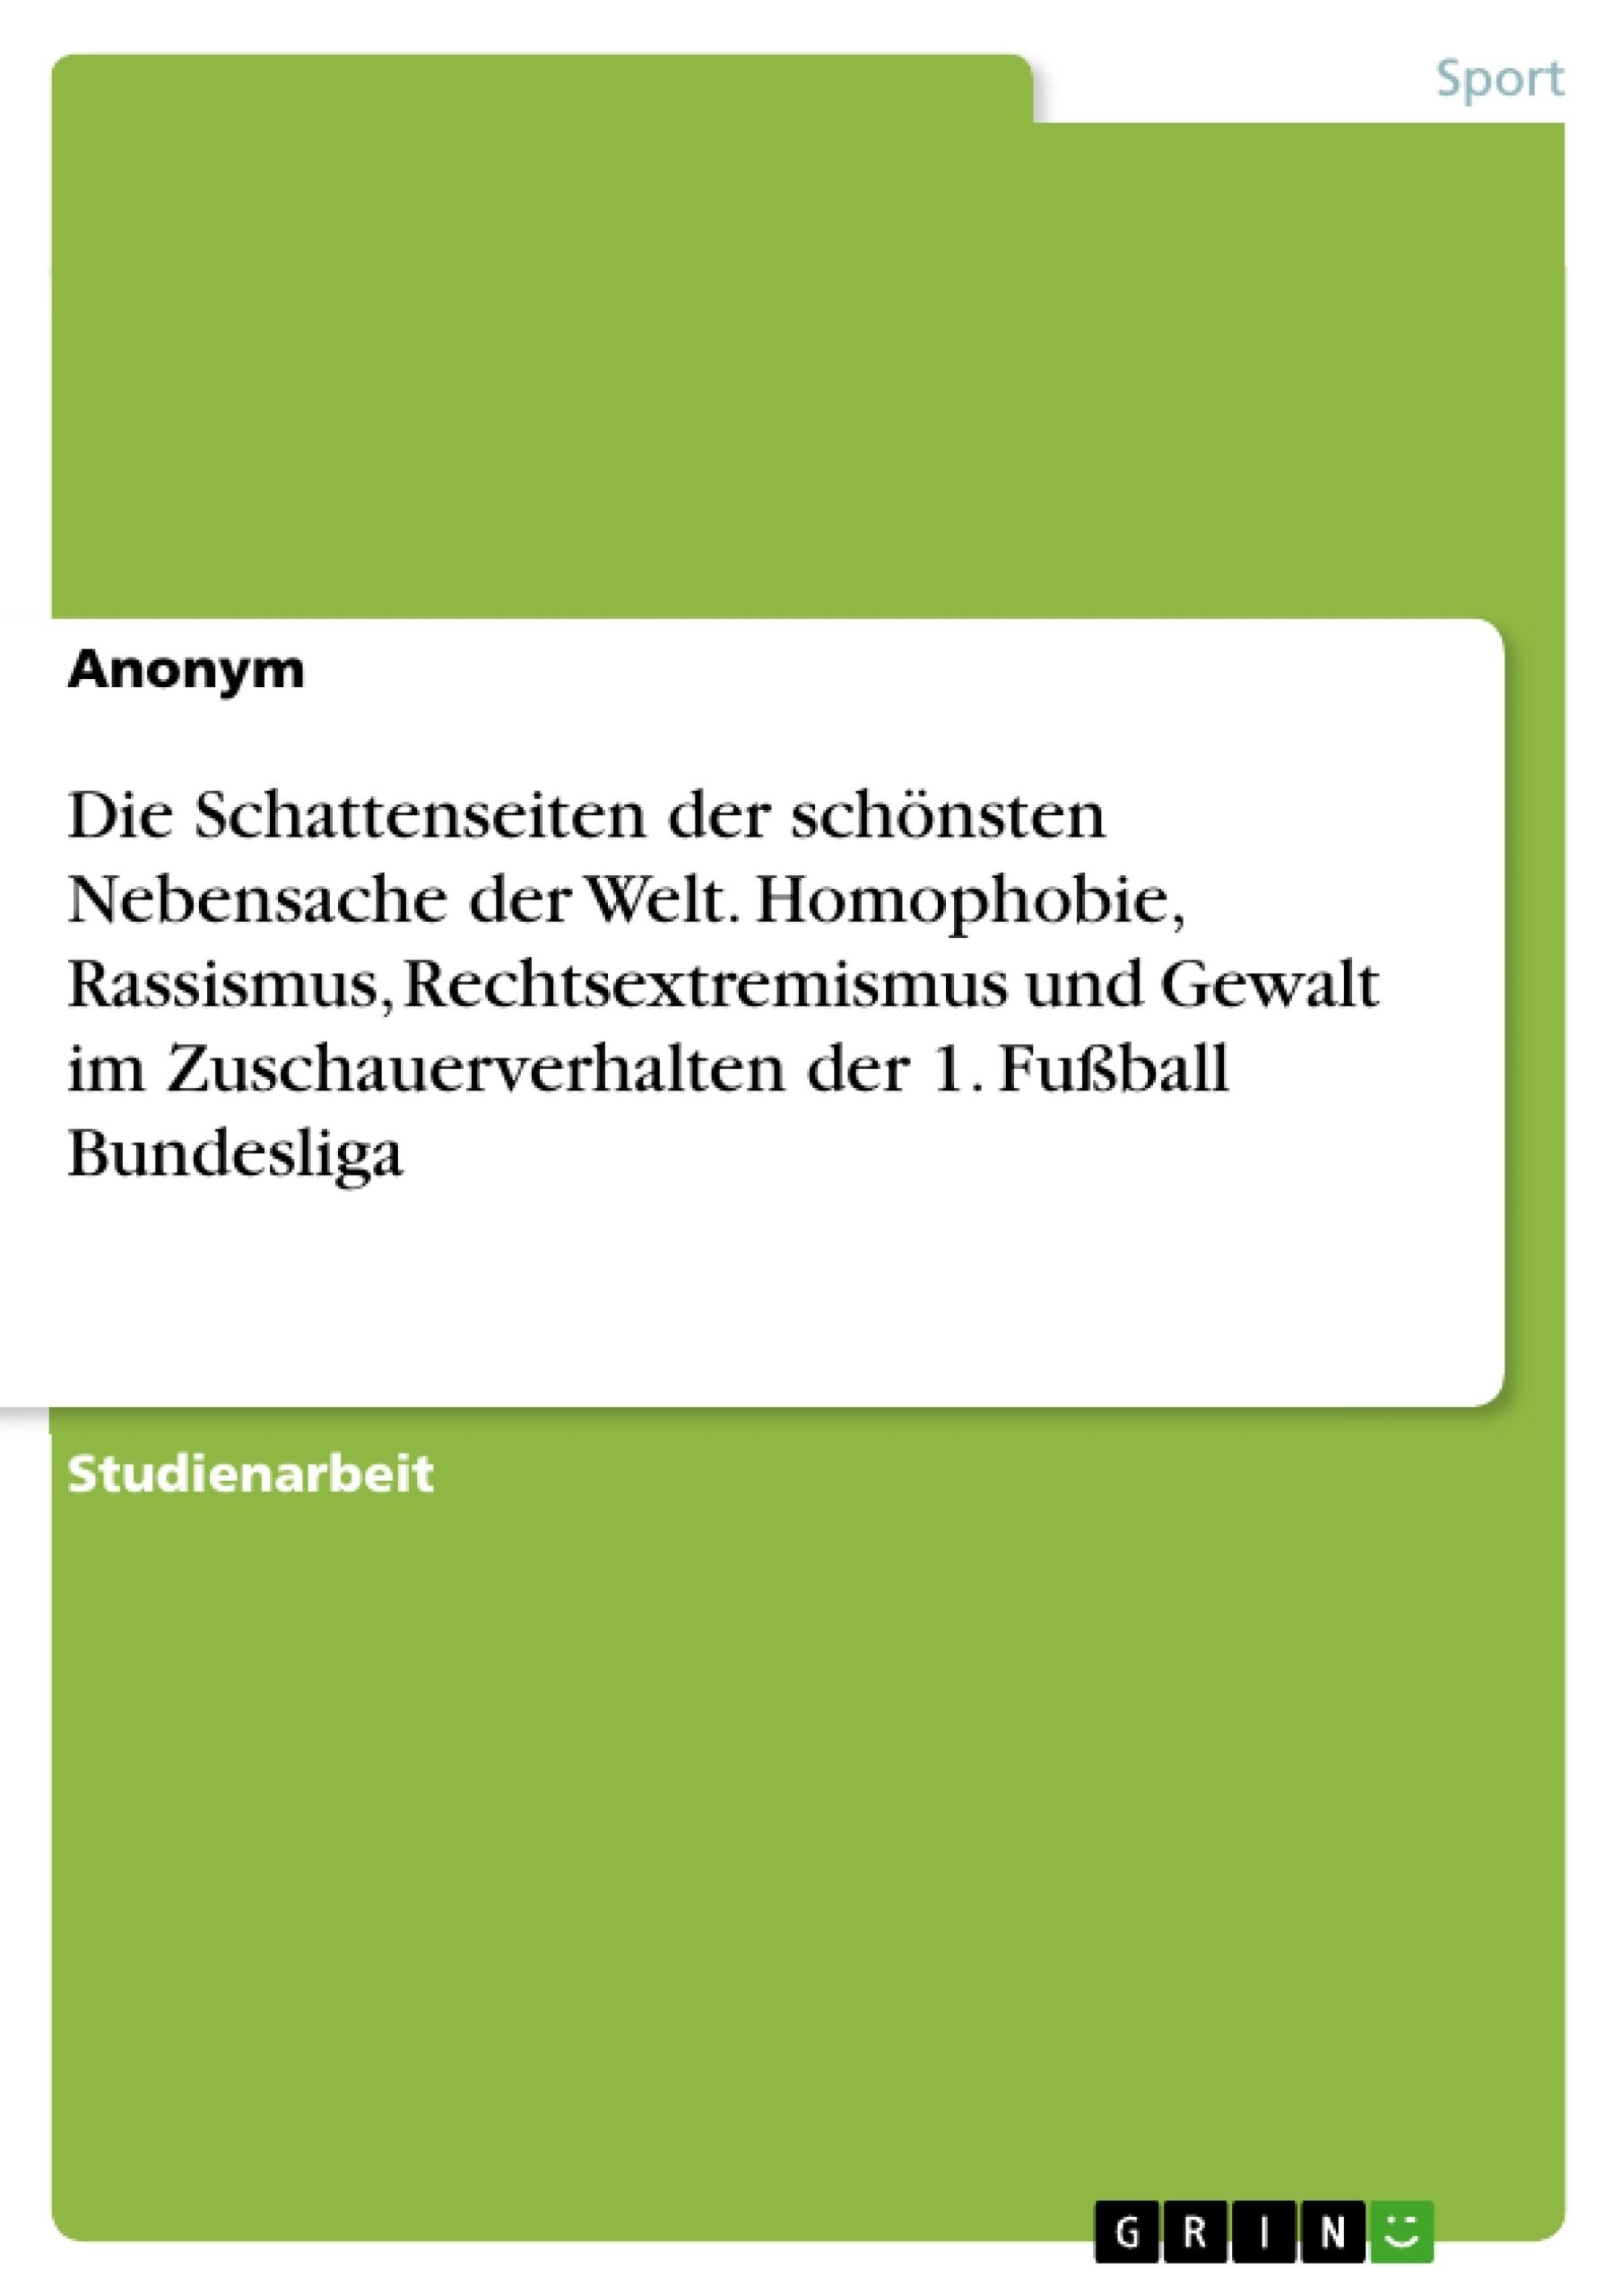 Titel: Die Schattenseiten der schönsten Nebensache der Welt. Homophobie, Rassismus, Rechtsextremismus und Gewalt im Zuschauerverhalten der 1. Fußball Bundesliga